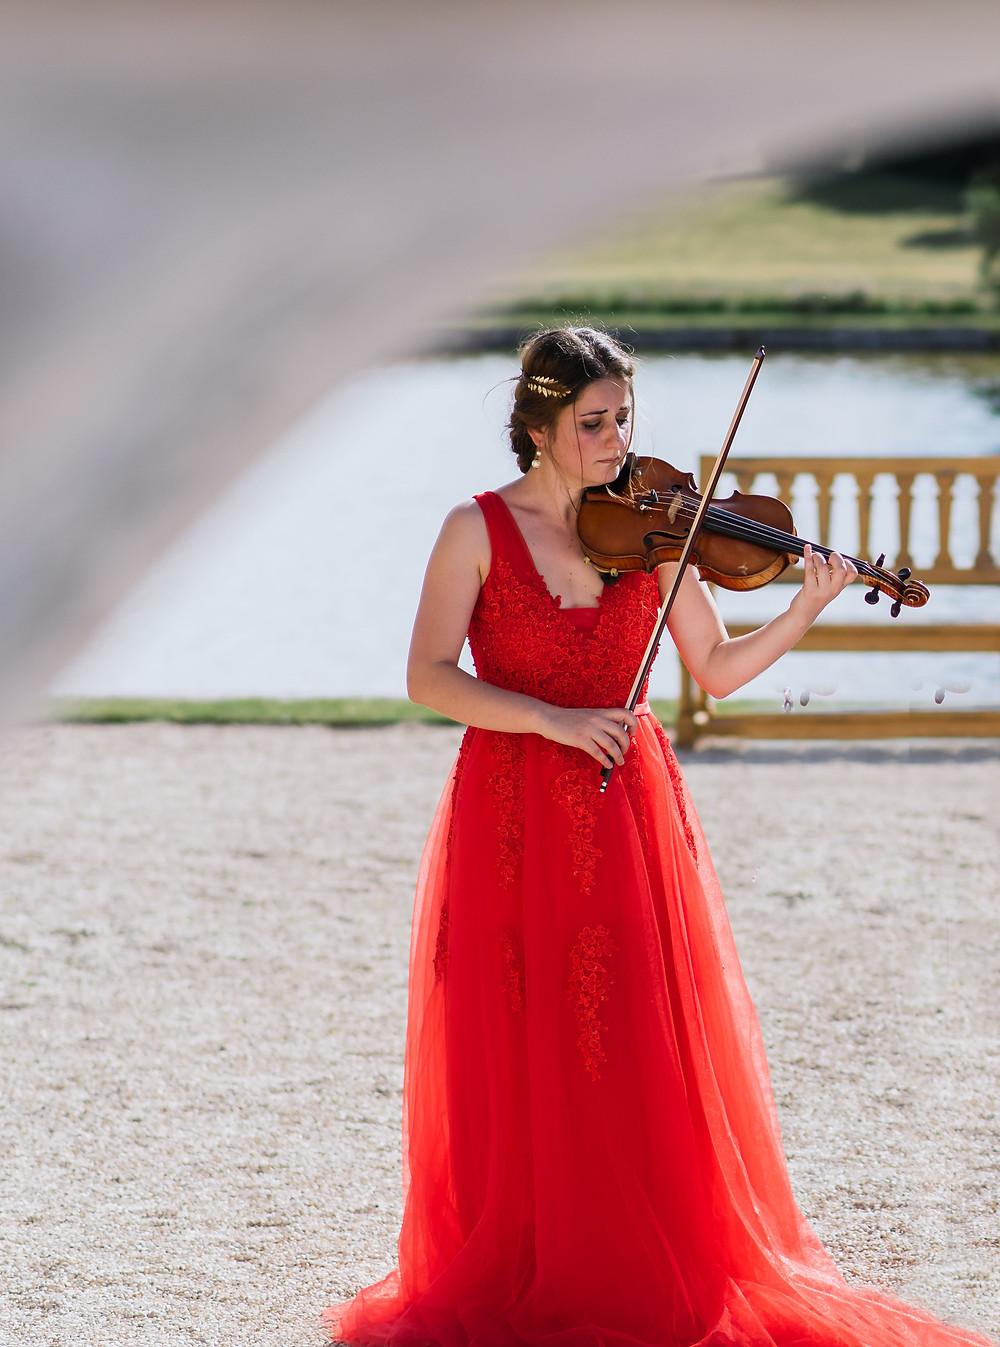 Wedding in Chateau de Chantilly, domaine de chantilly, violoniste, robe, violon, corde, emmotions, event, girl, paris, picardie, exterieur, photo, skripachka v parije, parisienne